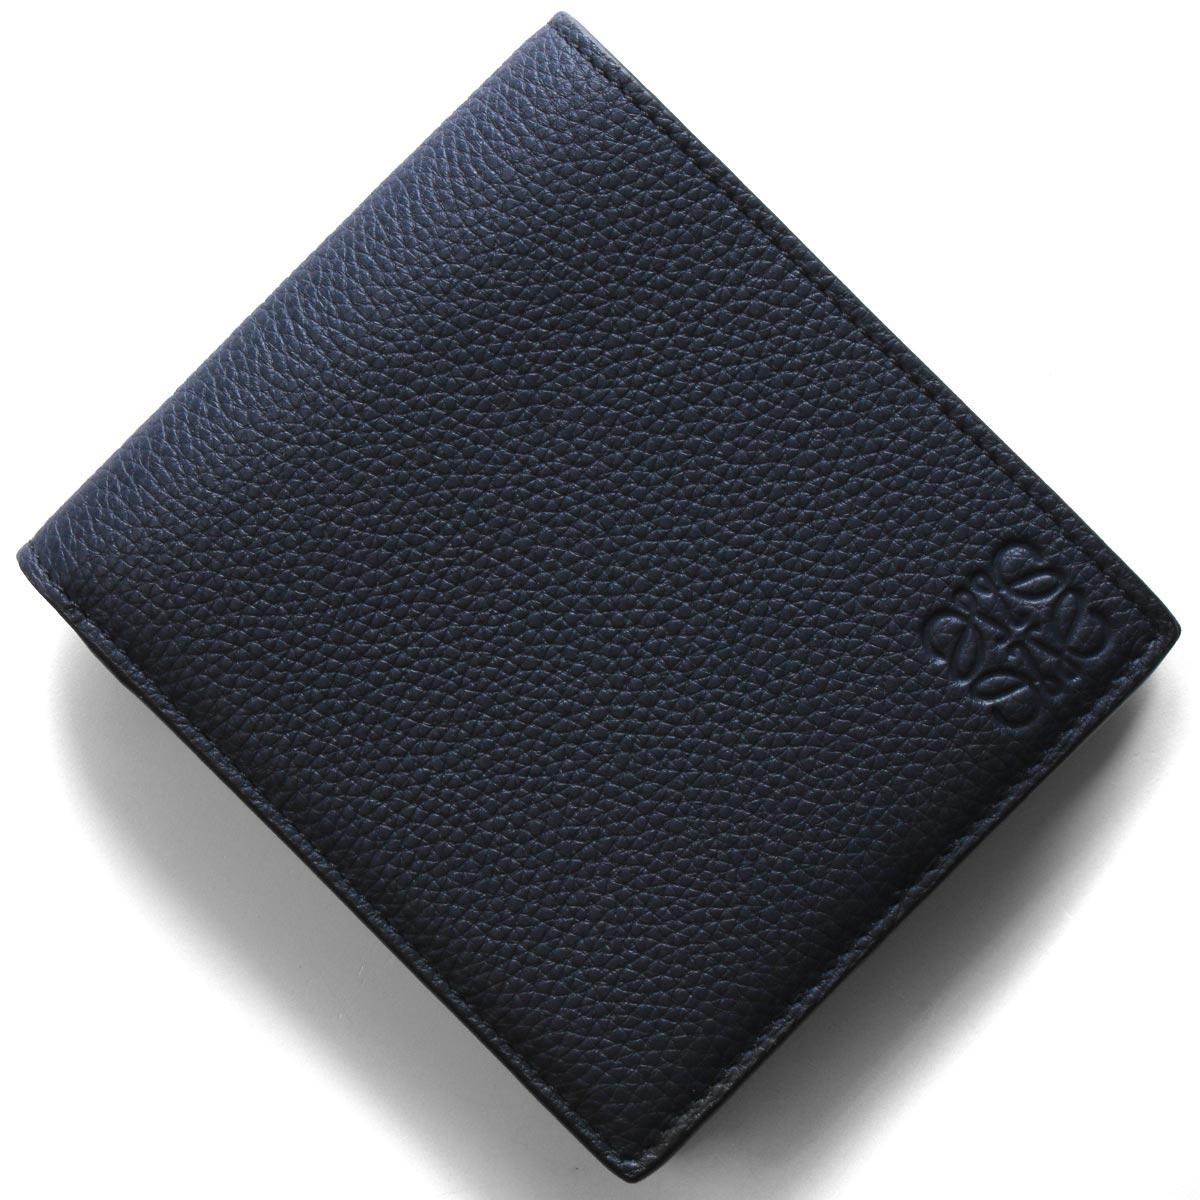 [送料無料][あす楽対応]ロエベ LOEWE 財布 二つ折り財布【札入れ】 124 U01 12 5605 【新品】 ロエベ 二つ折り財布【札入れ】 財布 メンズ バイフォルド ミッドナイトブルーブラックブラウン 124 U01 12 5605 LOEWE